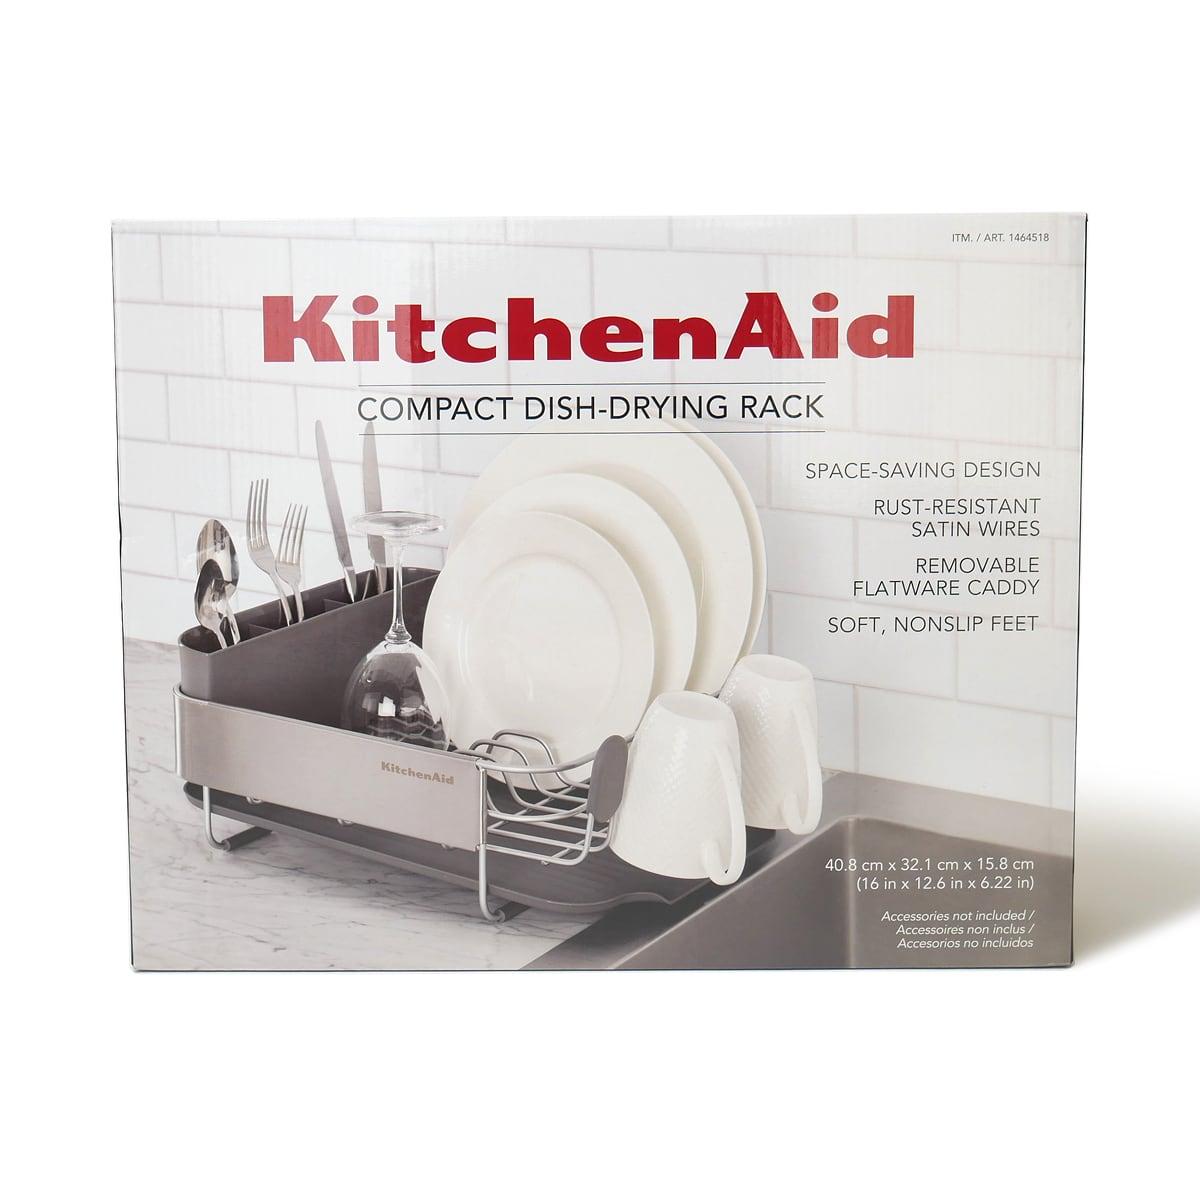 キッチンエイド コンパクトディッシュラック(水切りカゴ) 外箱